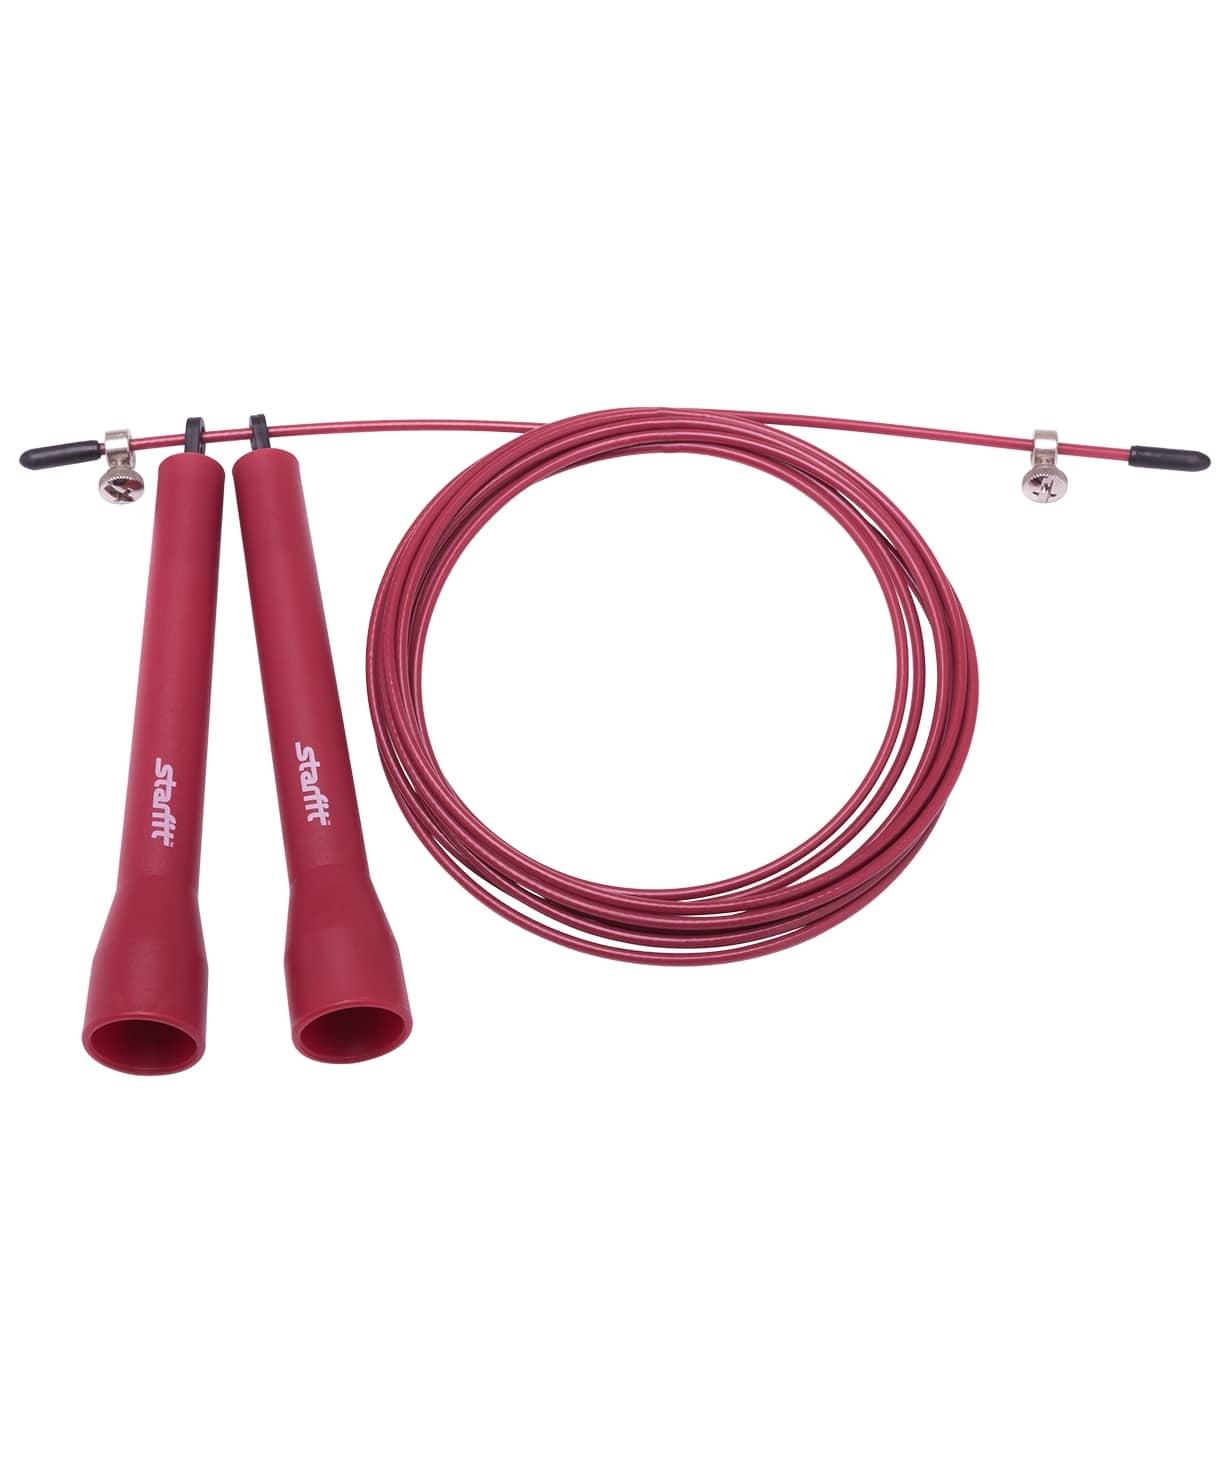 Скакалка STARFIT RP-202 ПВХ скоростная, бордовый, 3,1м 1/50